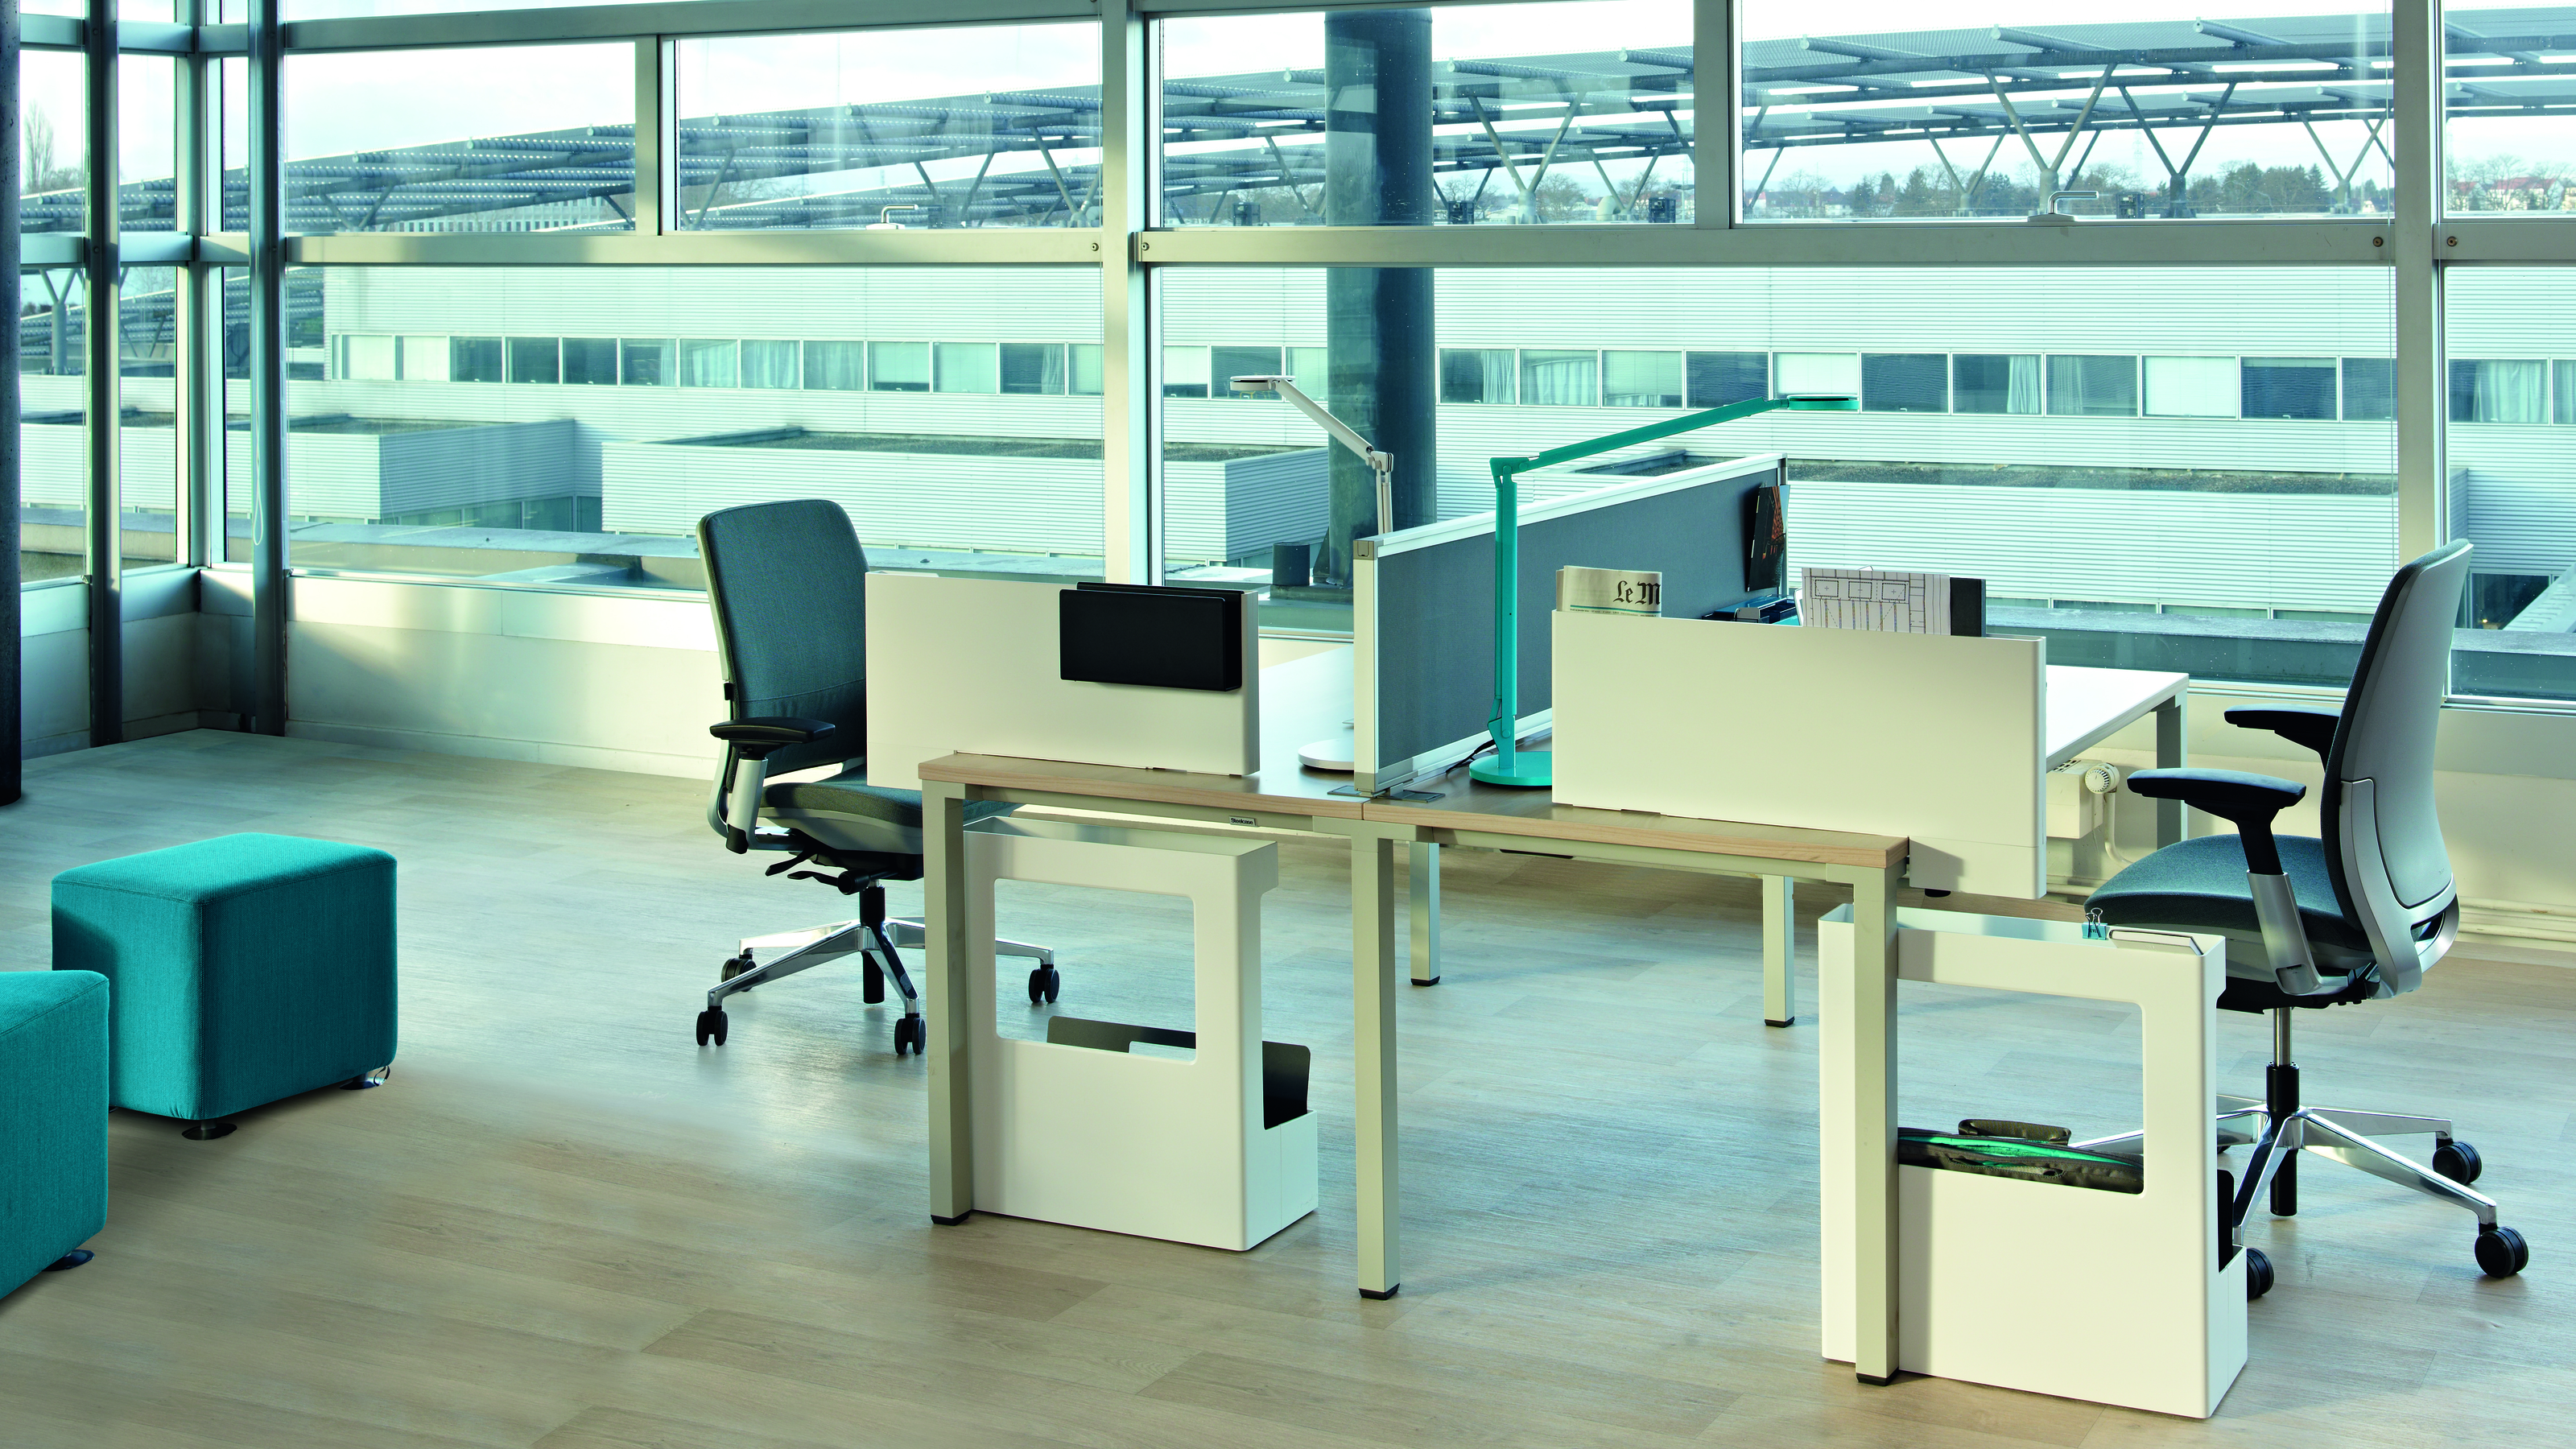 Amia Bürostuhl – Ergonomischer Bürodrehstuhl von Steelcase